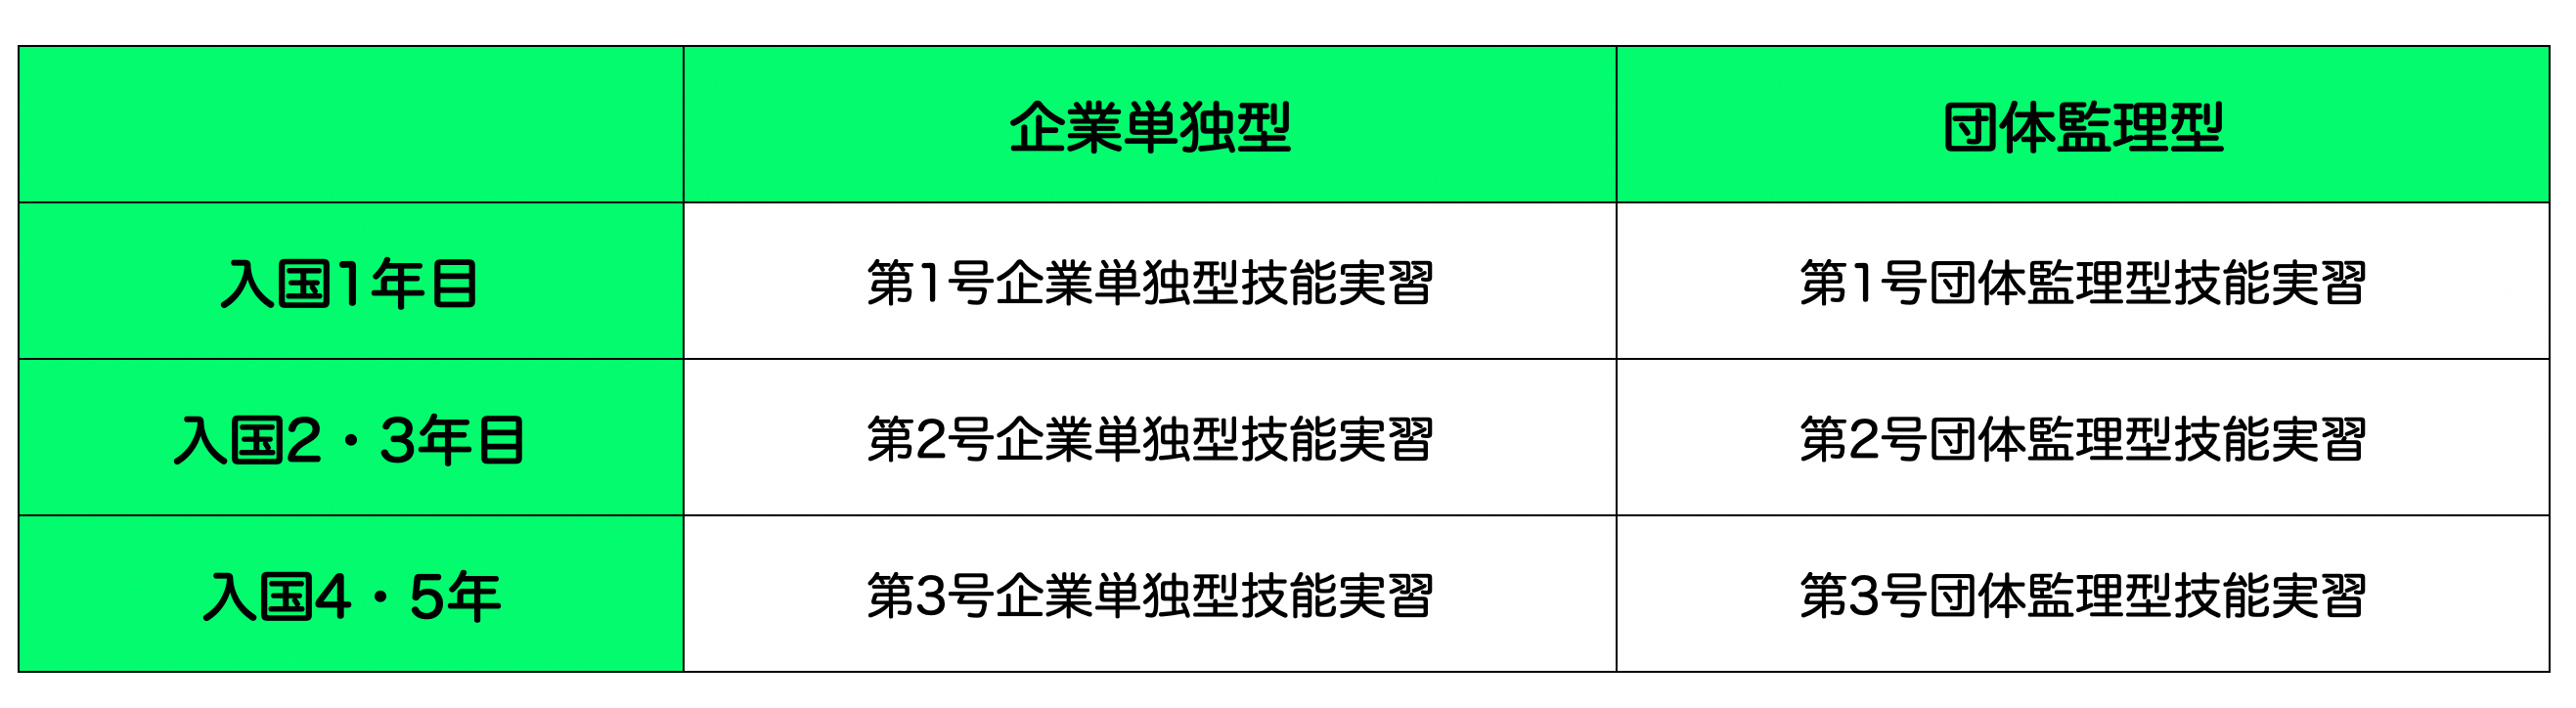 技能実習制度 (1)